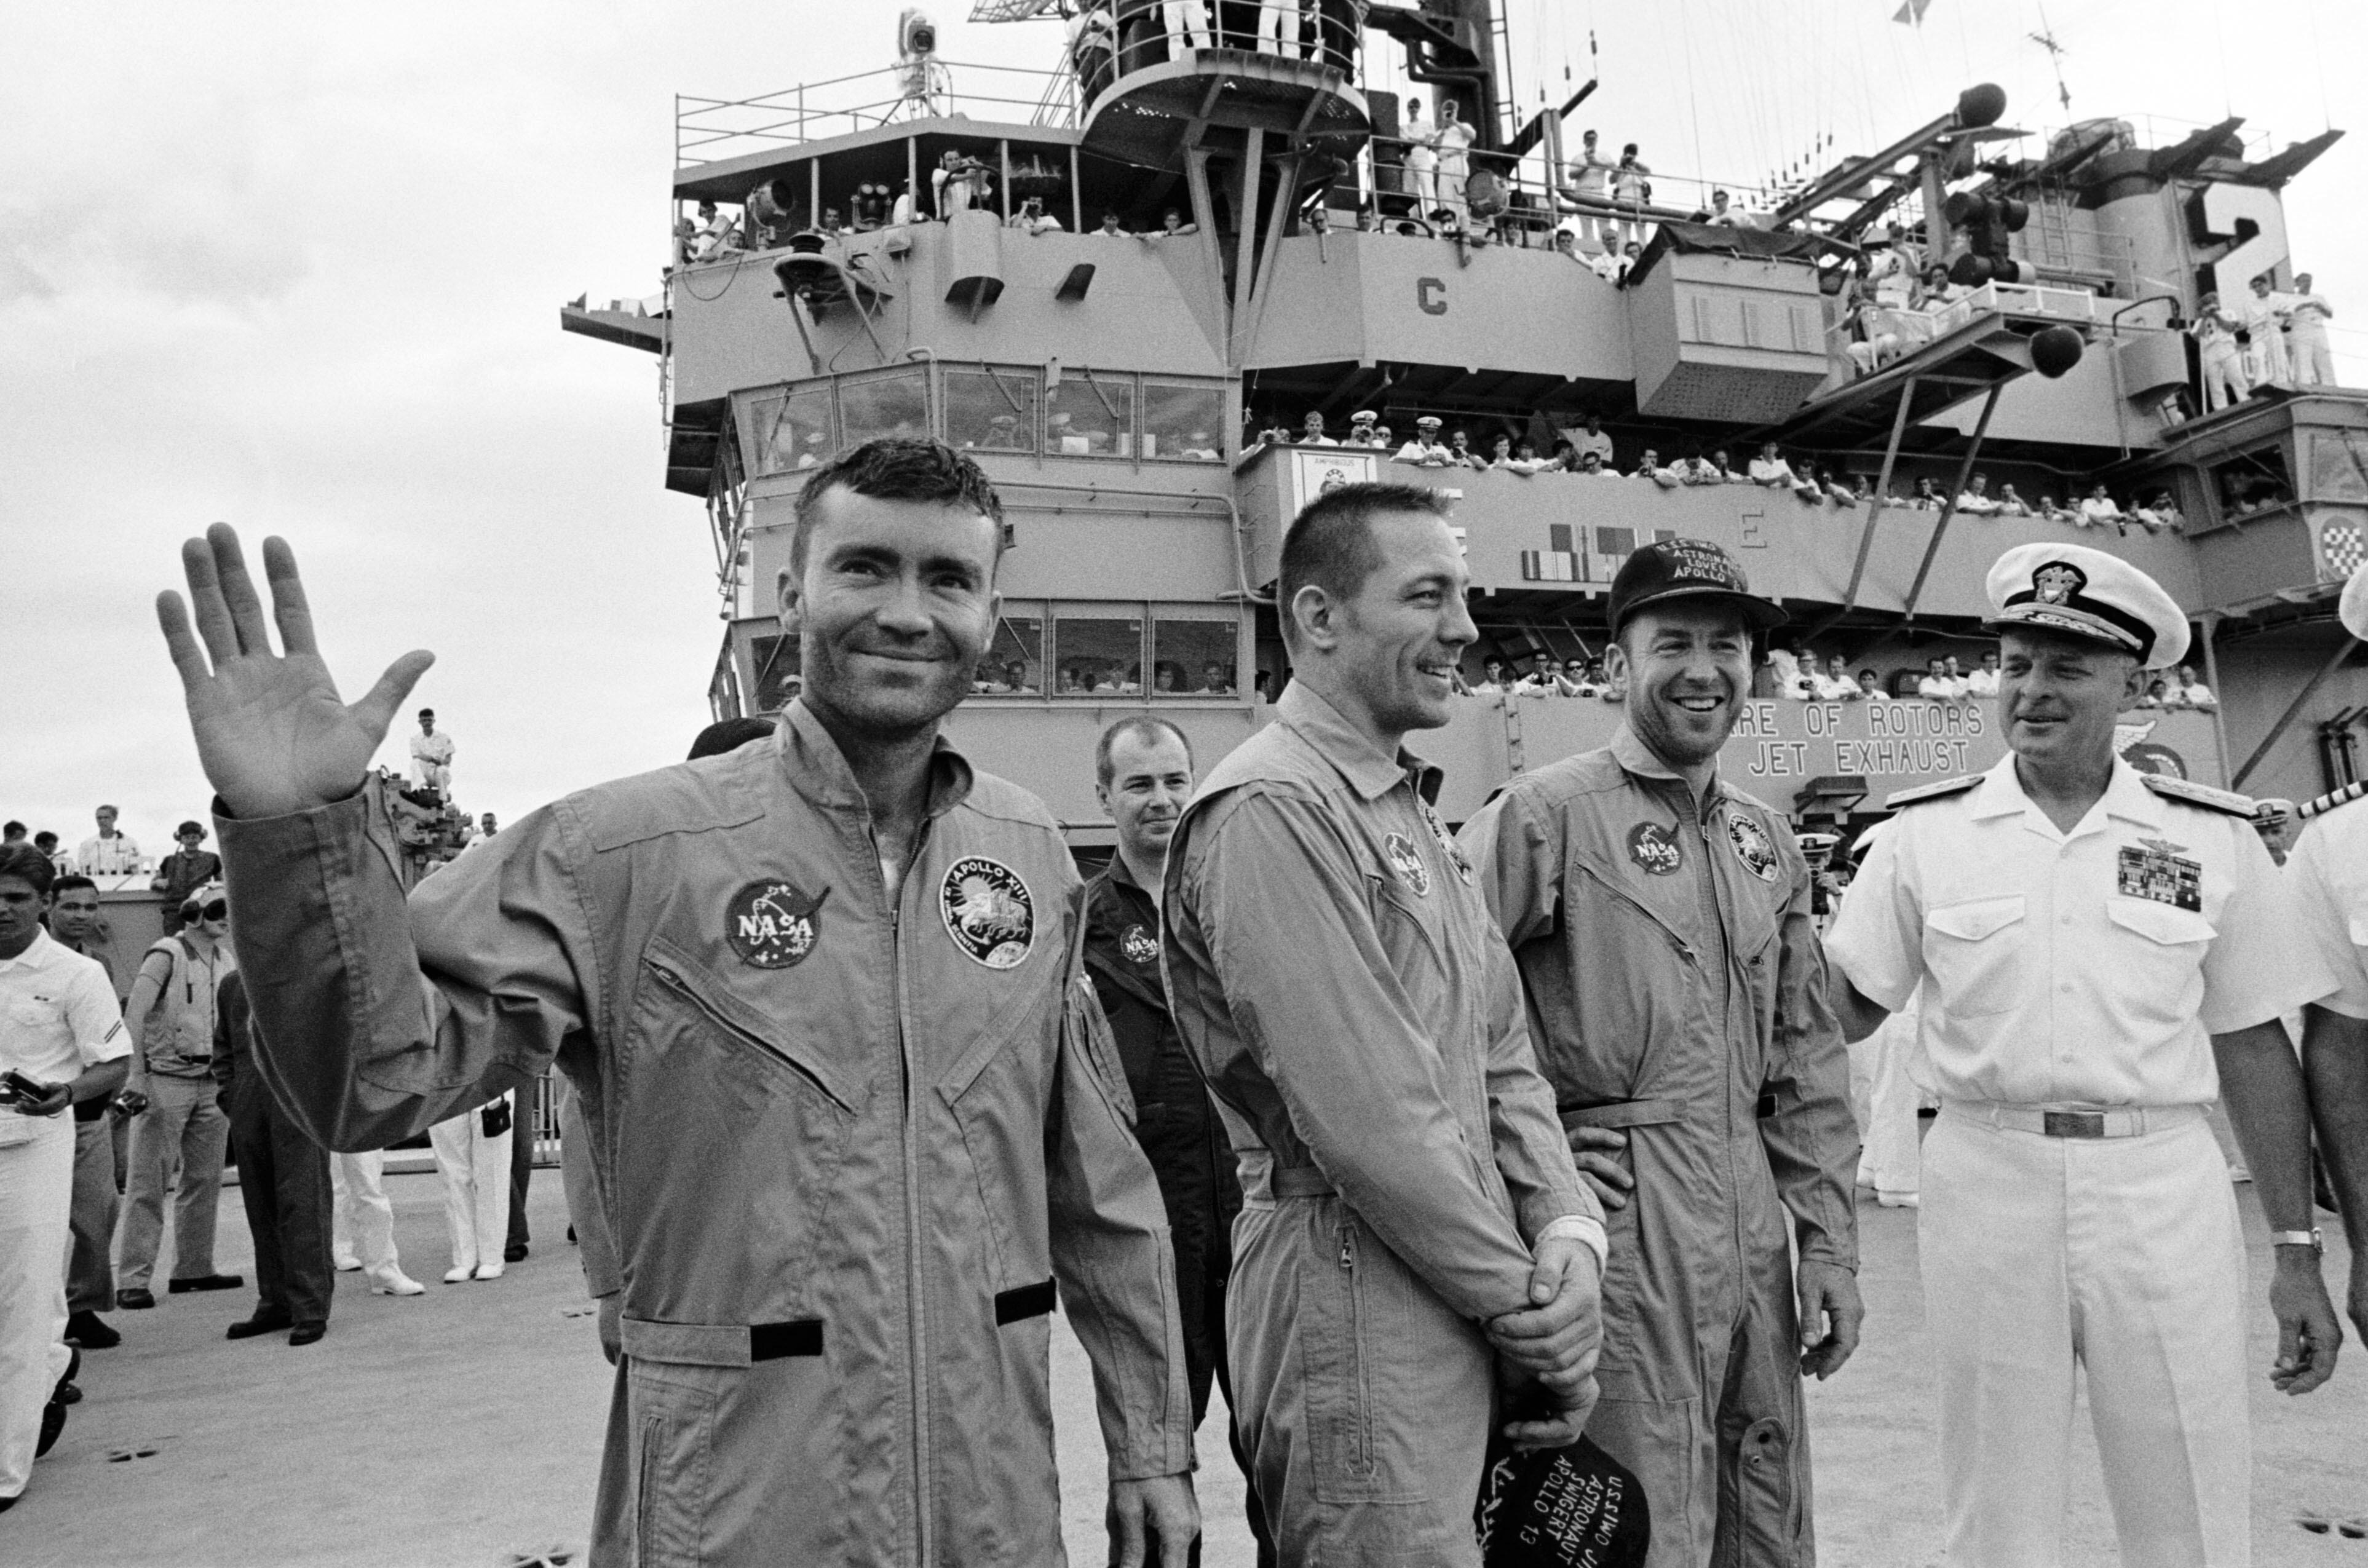 apollo 13 astronauts - HD3851×2550